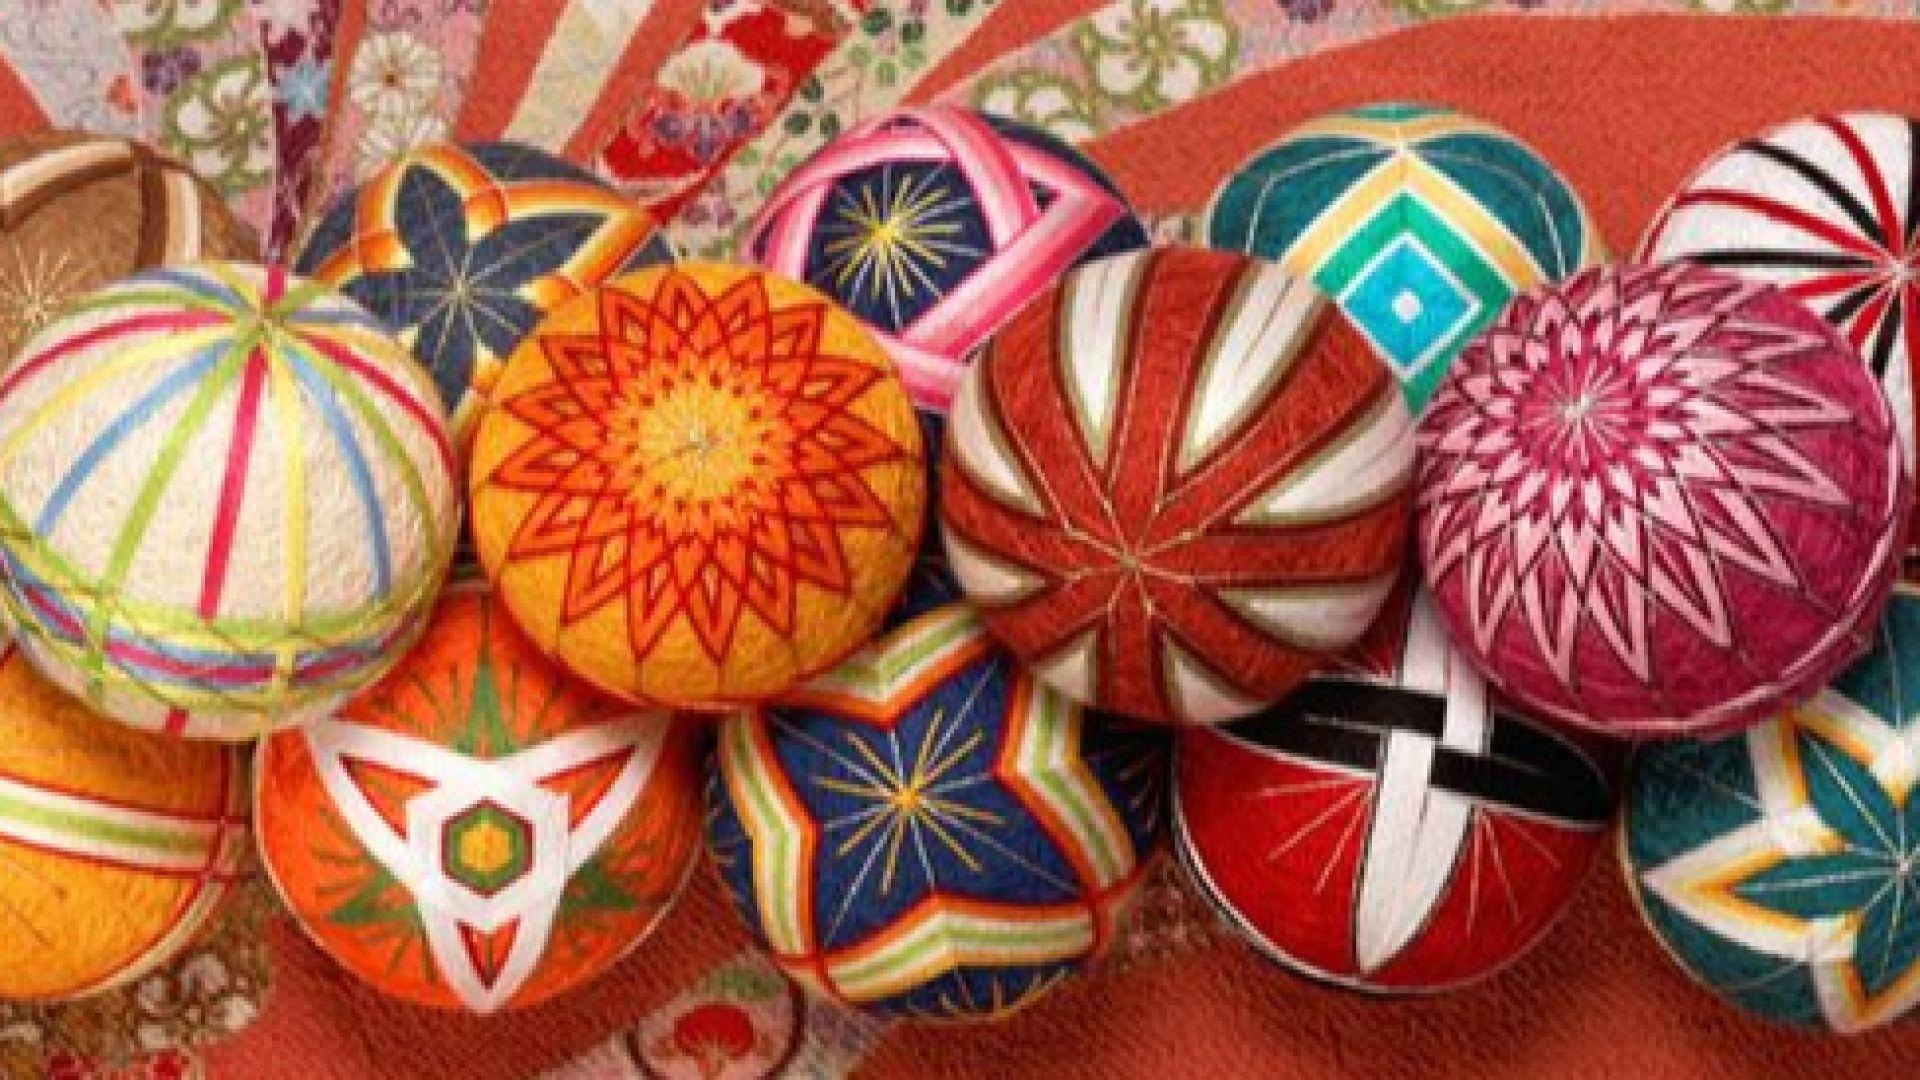 Във Варна представят традиционни японски декоративни топки